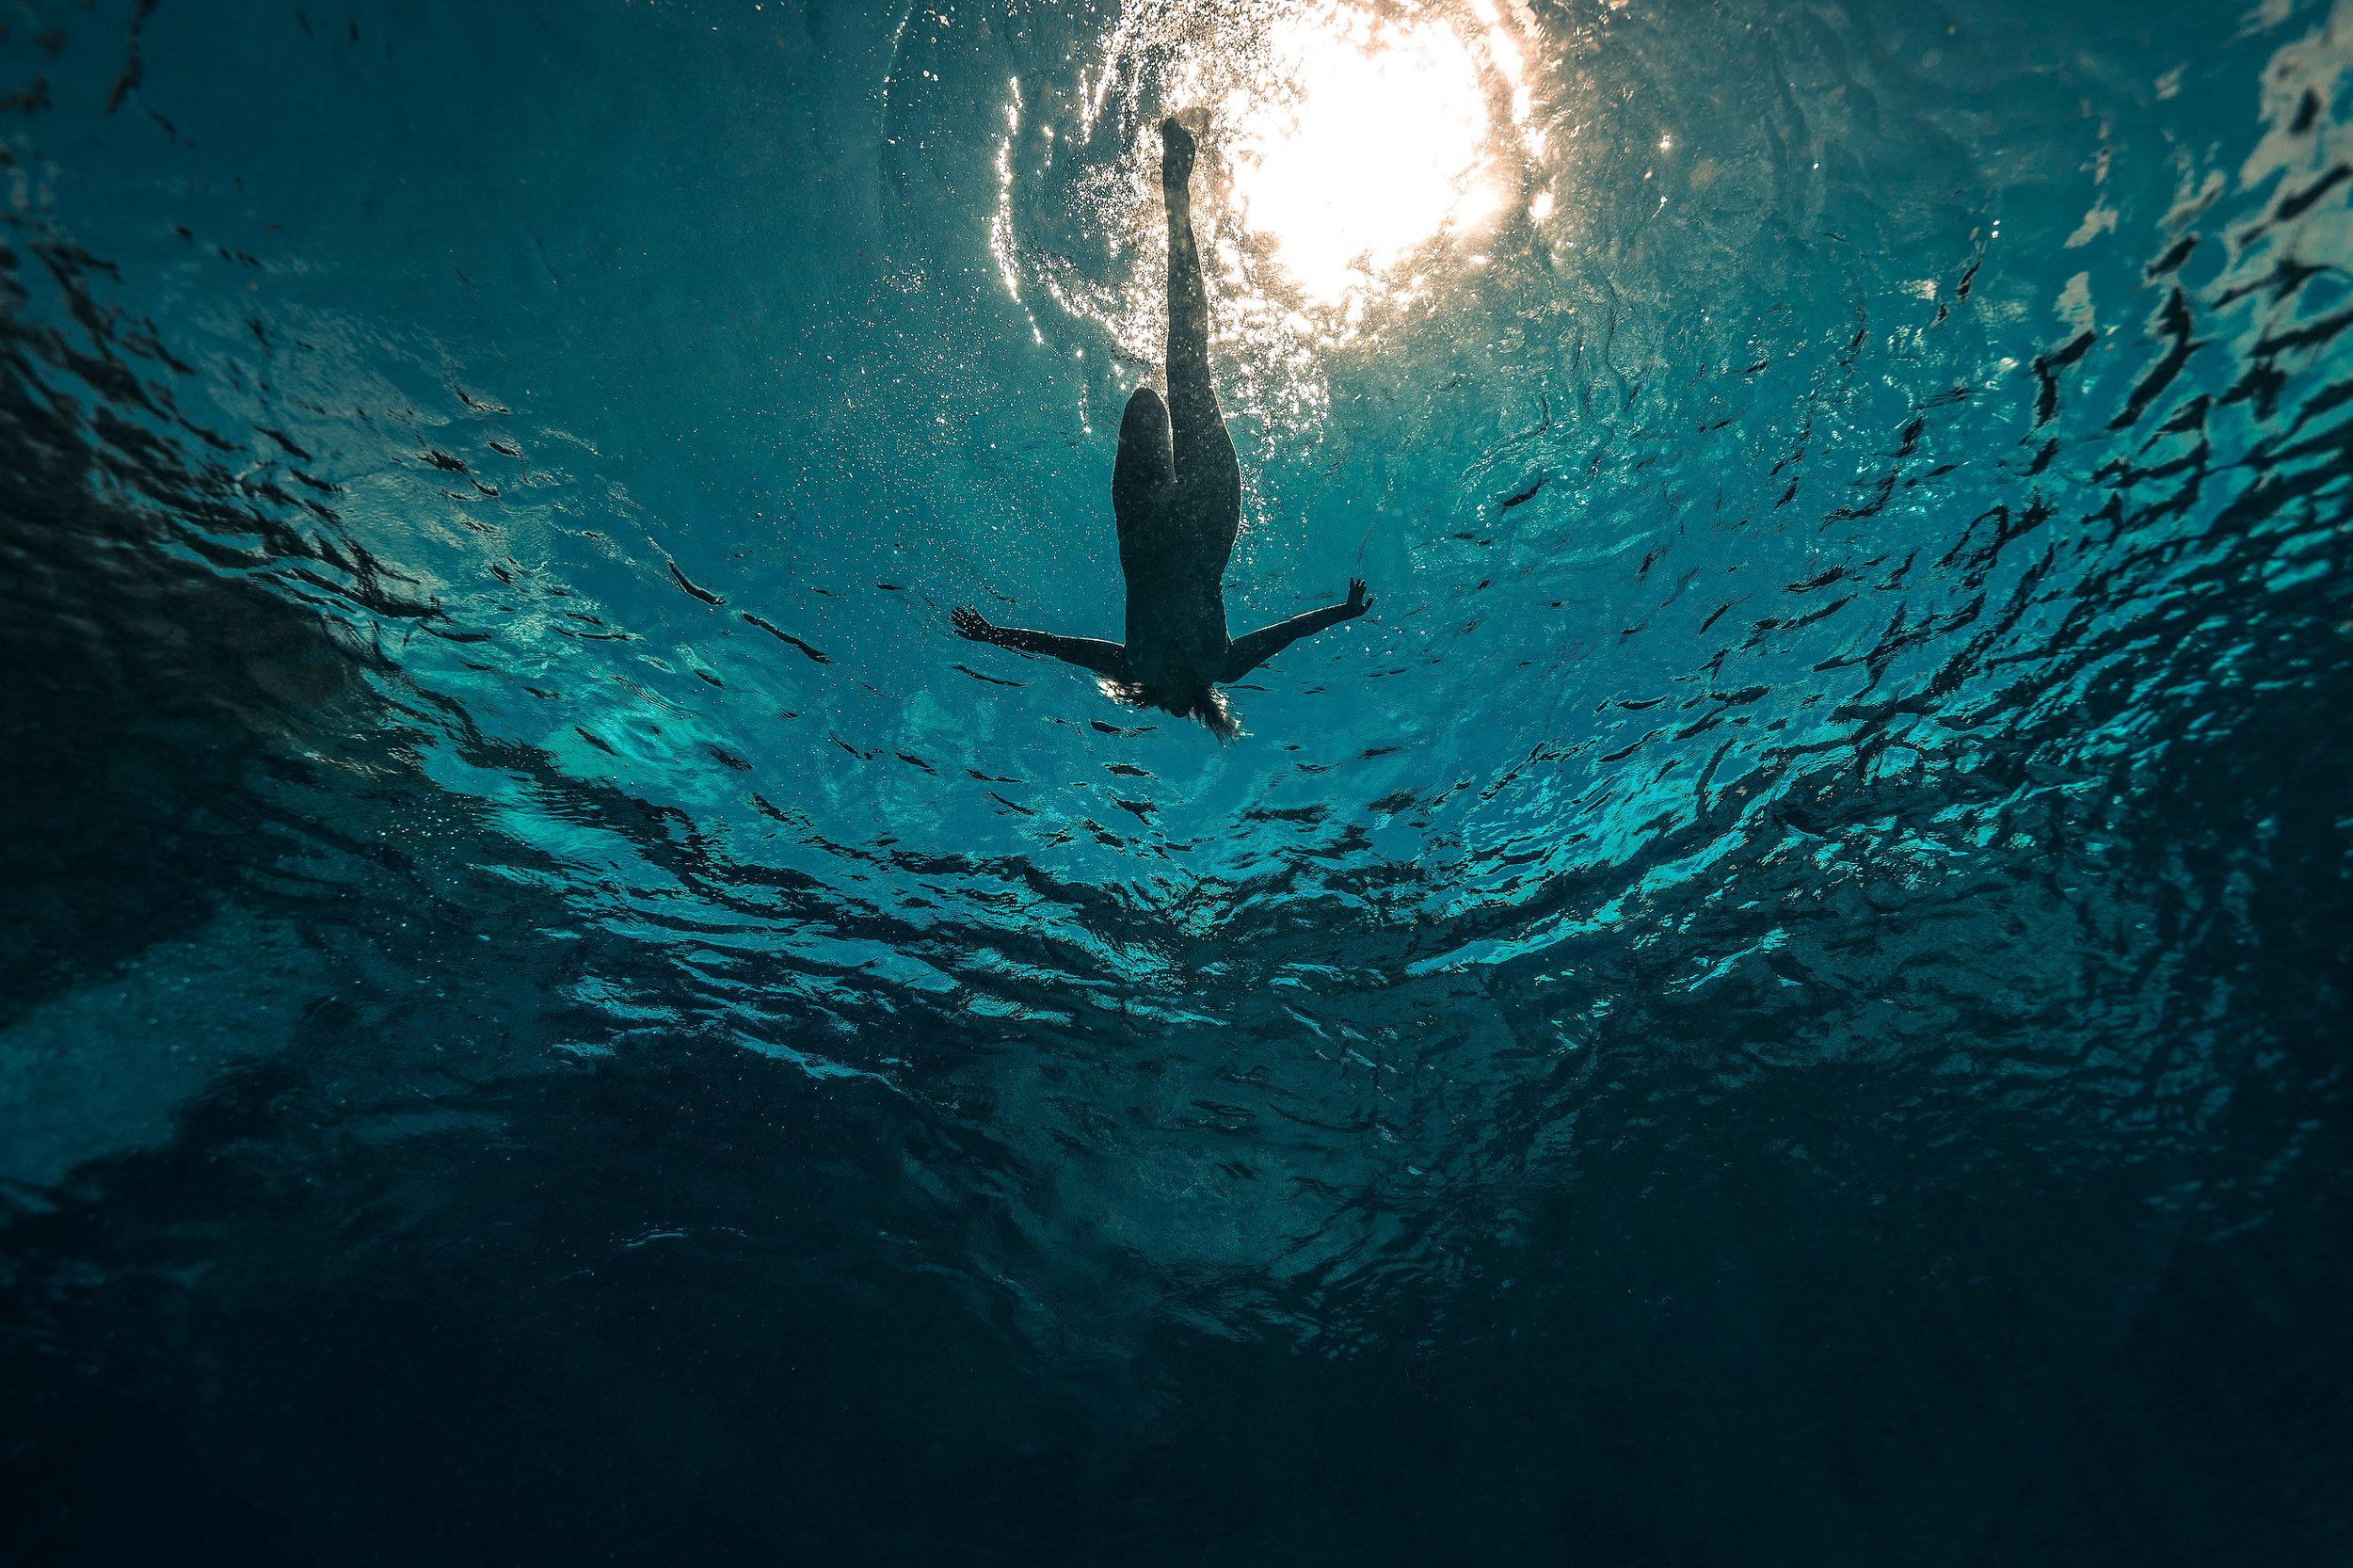 underwater-scheffer-photographer